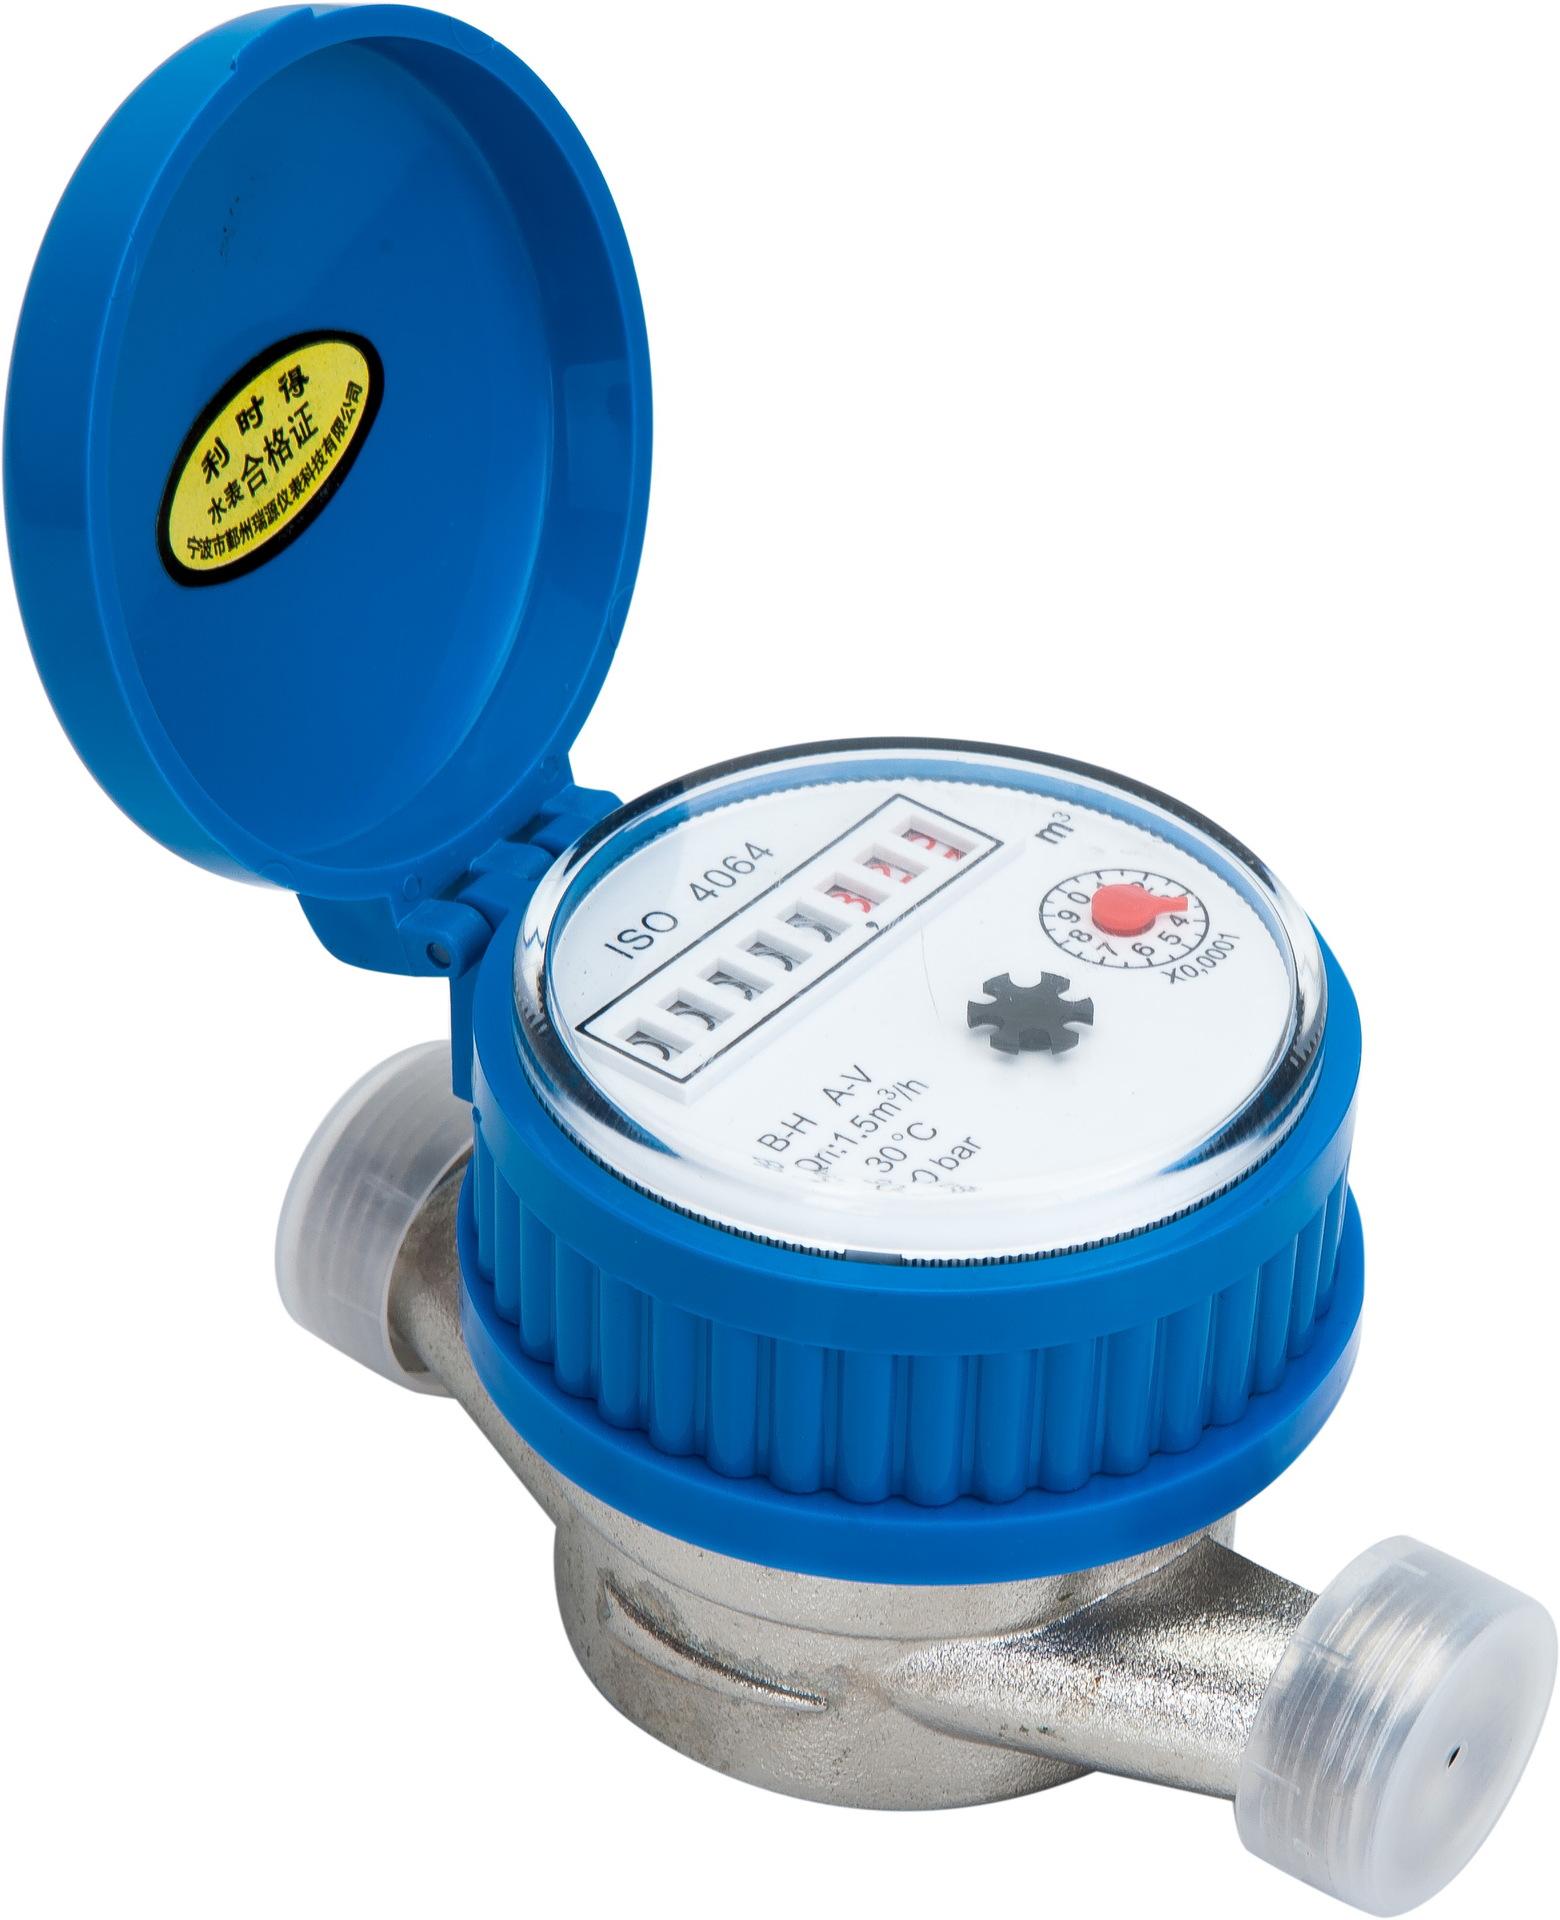 LISHIDE Single flow meter dry water meter single flow meter outlet water meter remote water meter pu